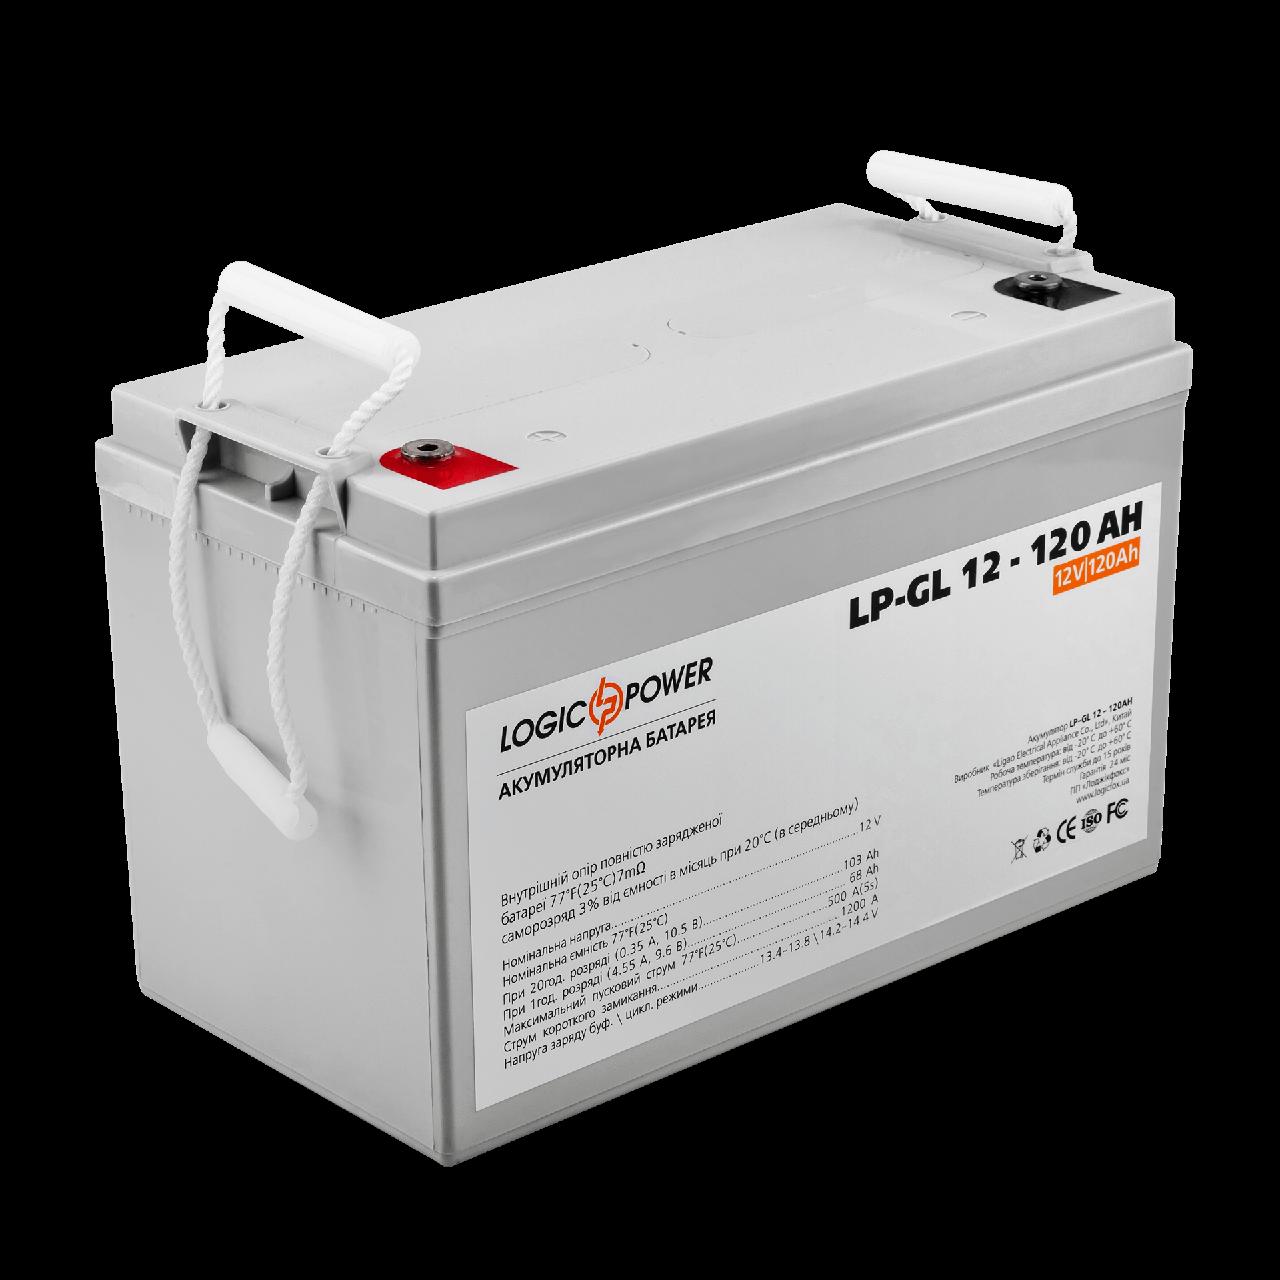 Аккумулятор гелевый GEL - 120 Ач 12В LogicPower LPM-GL 12-120 AH